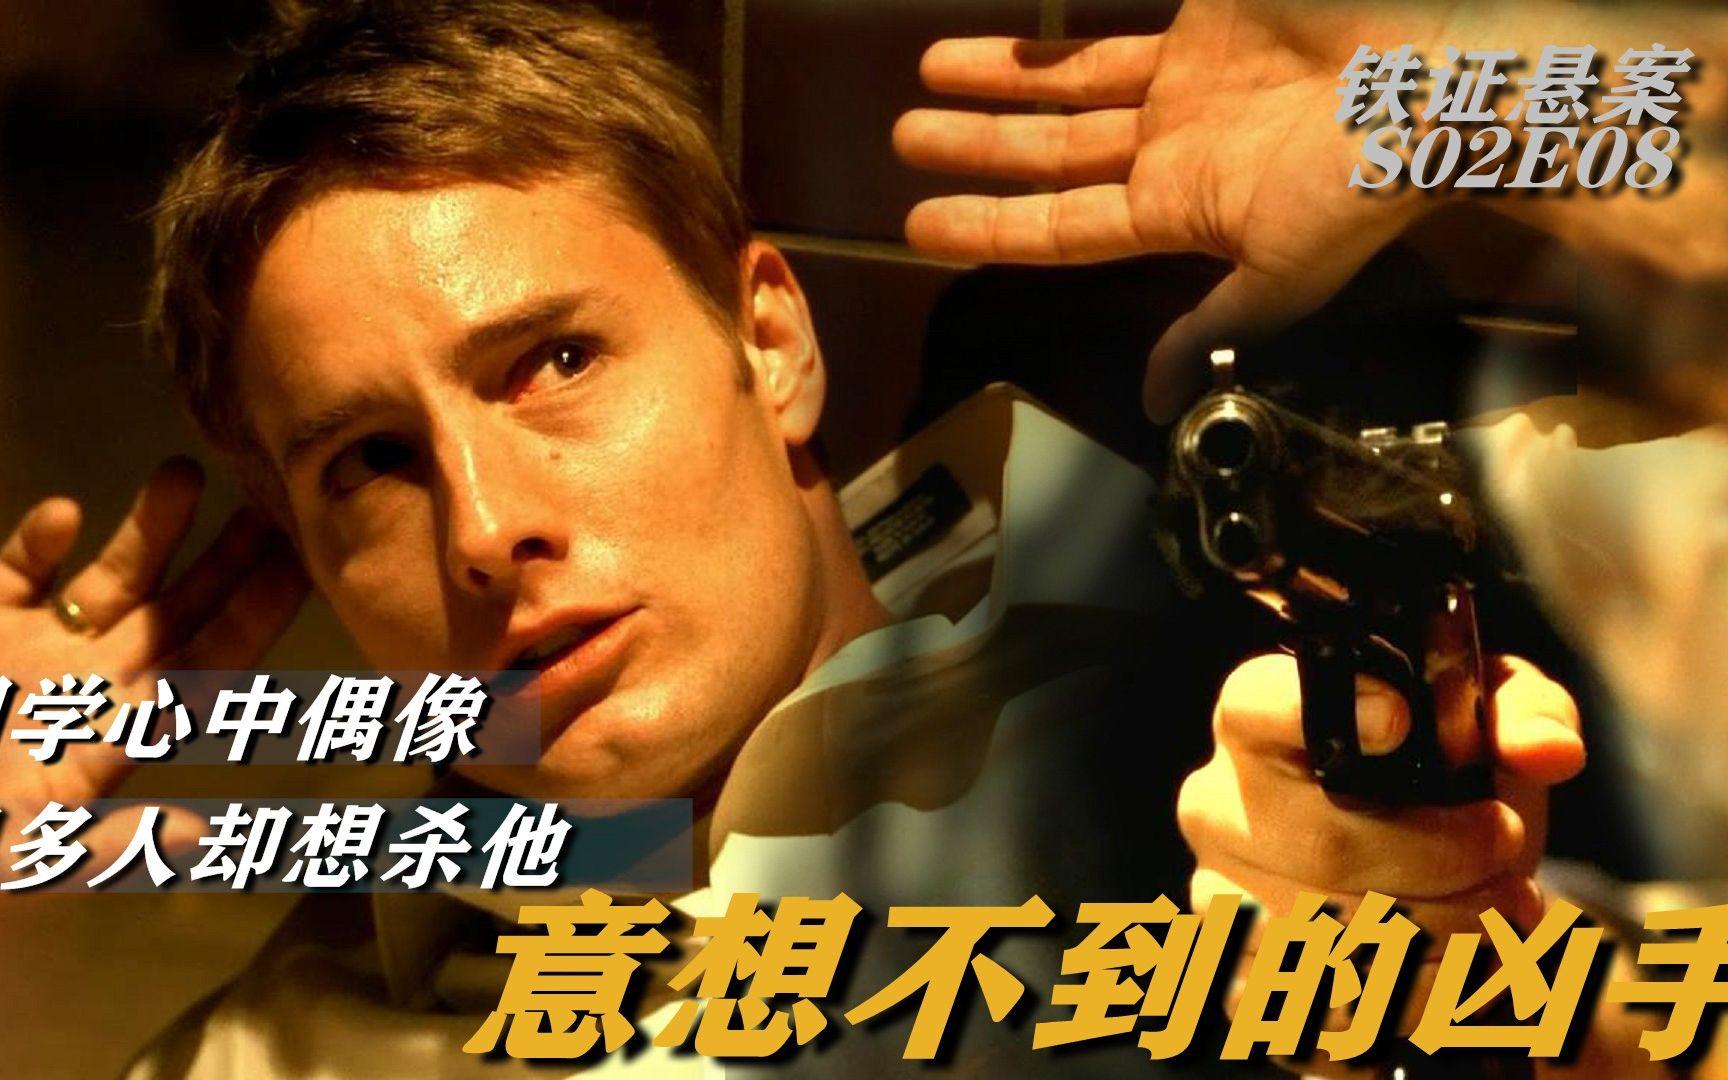 《铁证悬案2.9》渣男被杀,与一群女人有关,凶手让人意外